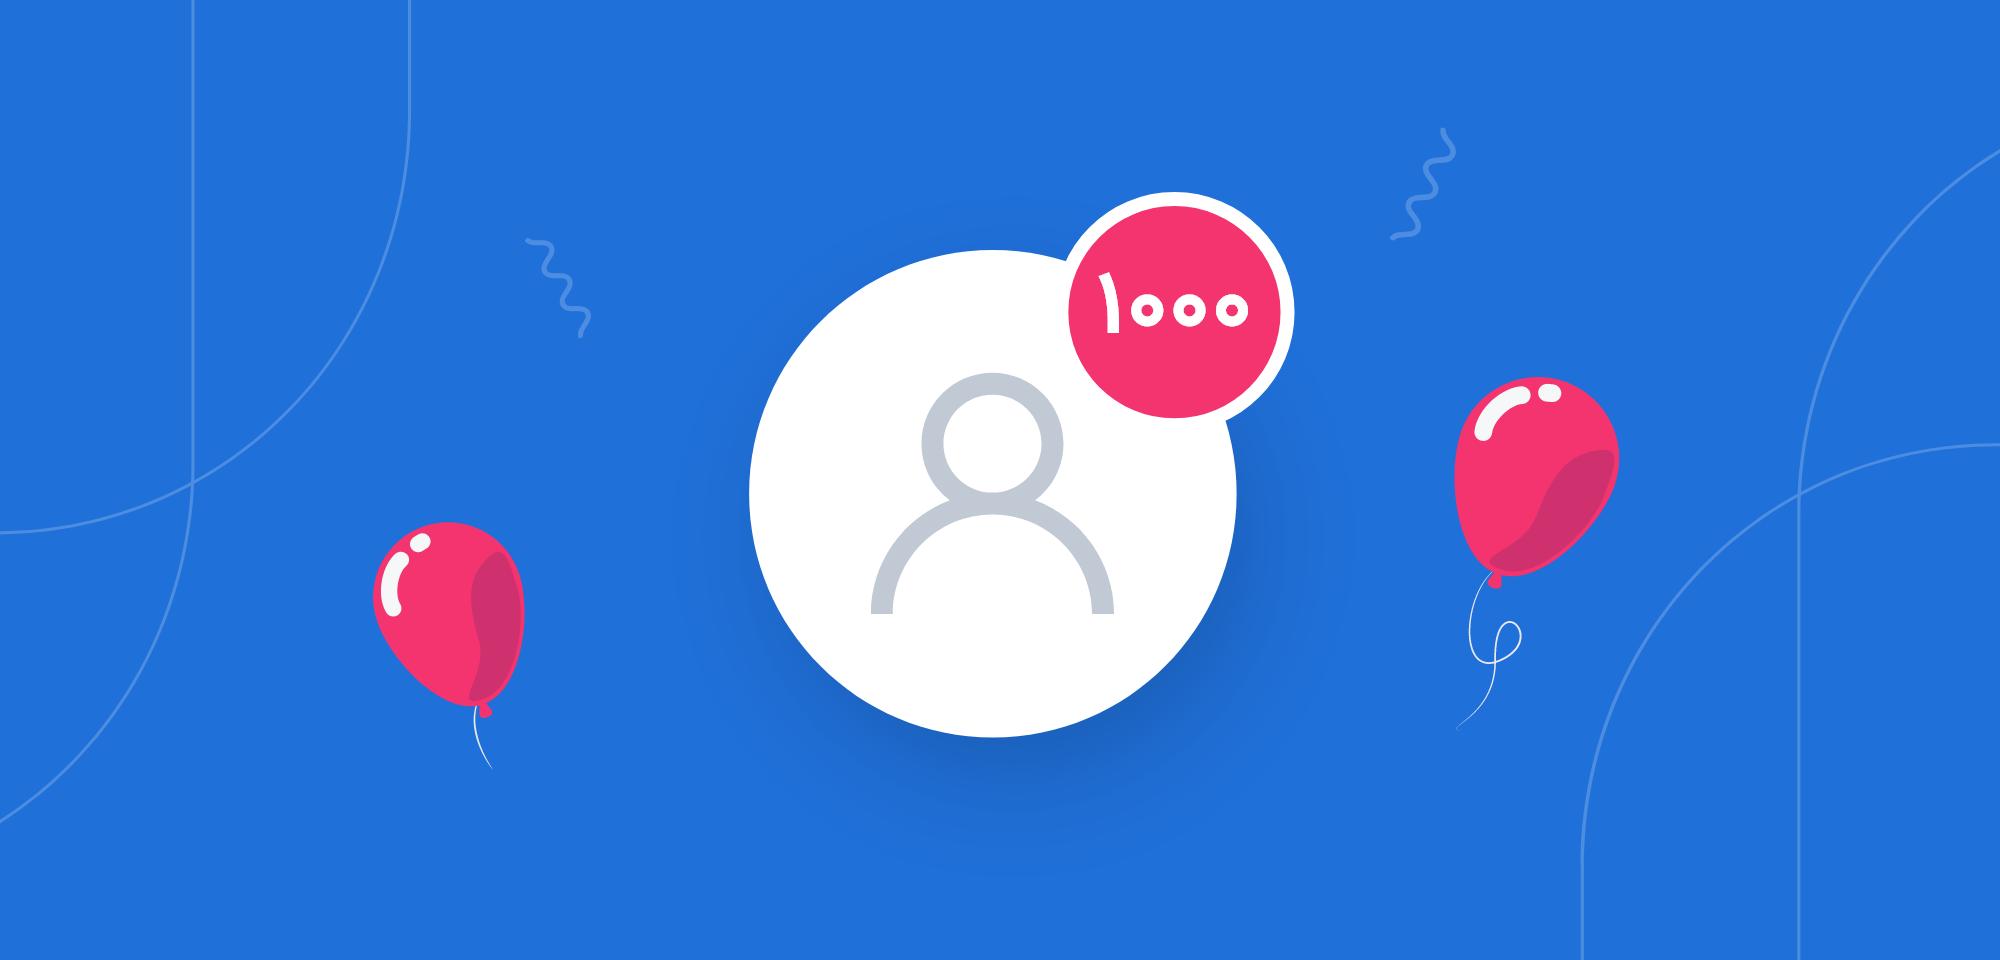 تعداد کاربران لندیک از ۱۰۰۰ گذشت